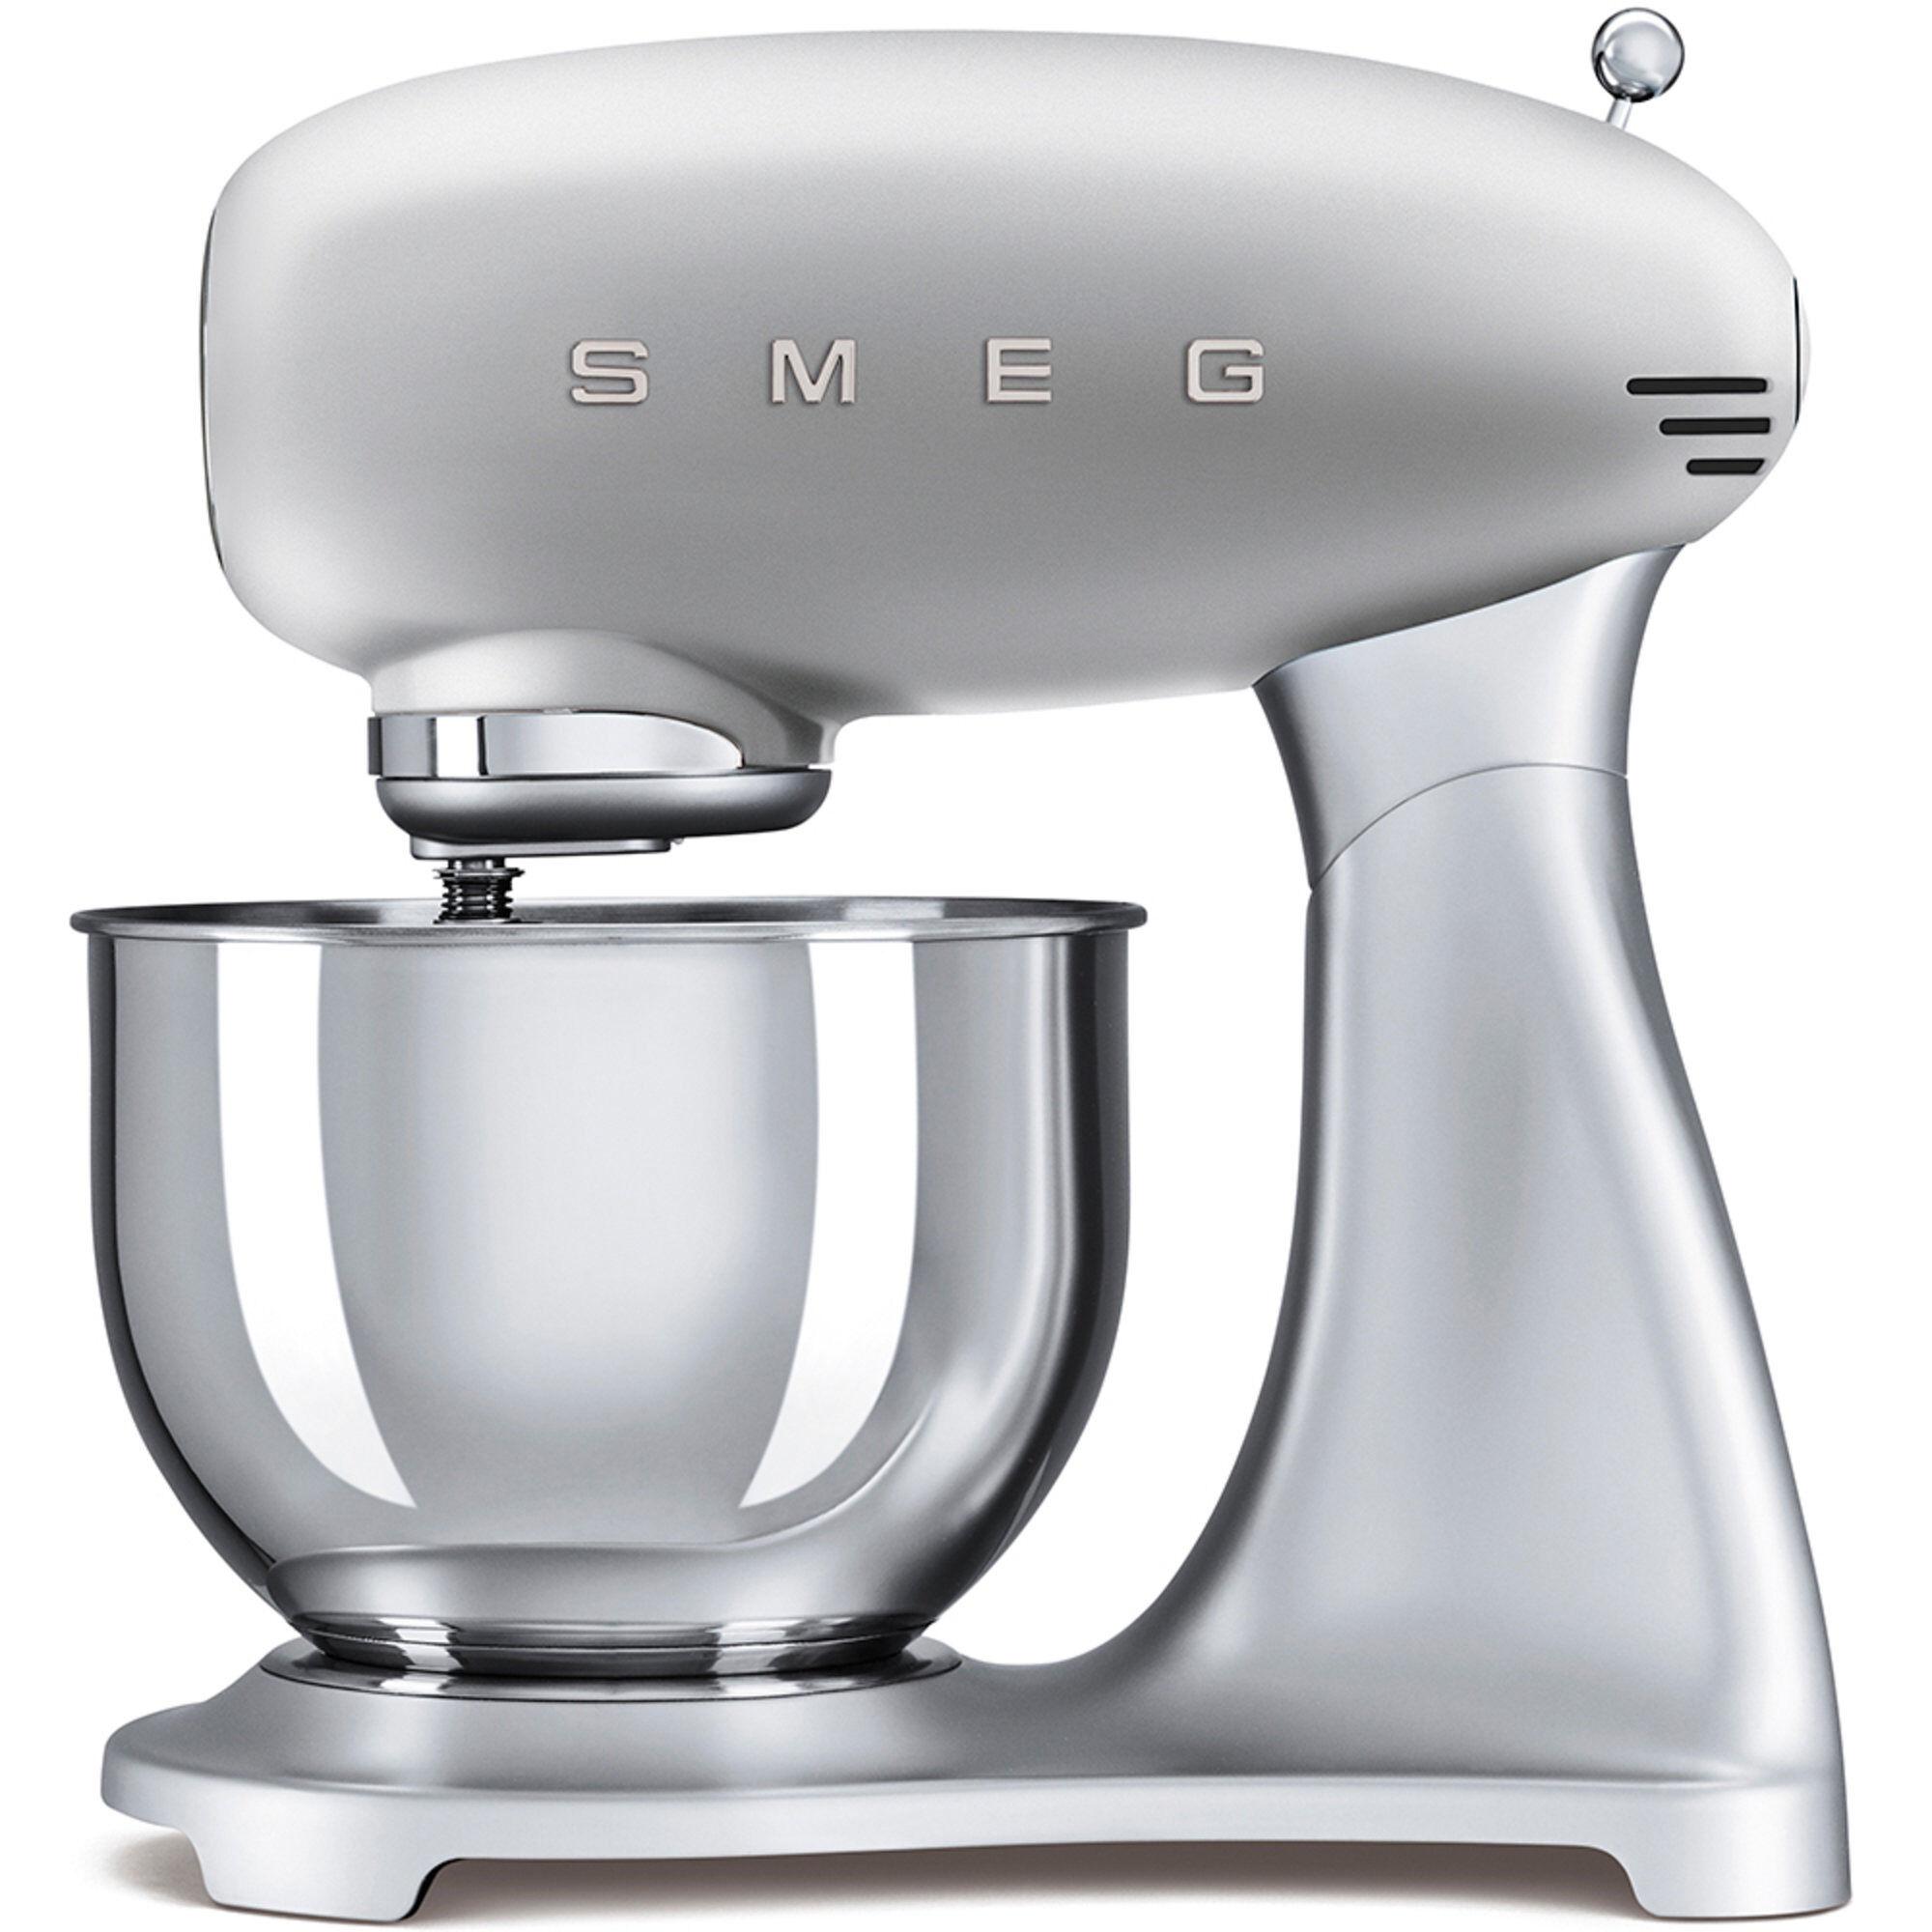 SMEG Köksmaskin 4.8L - Silver